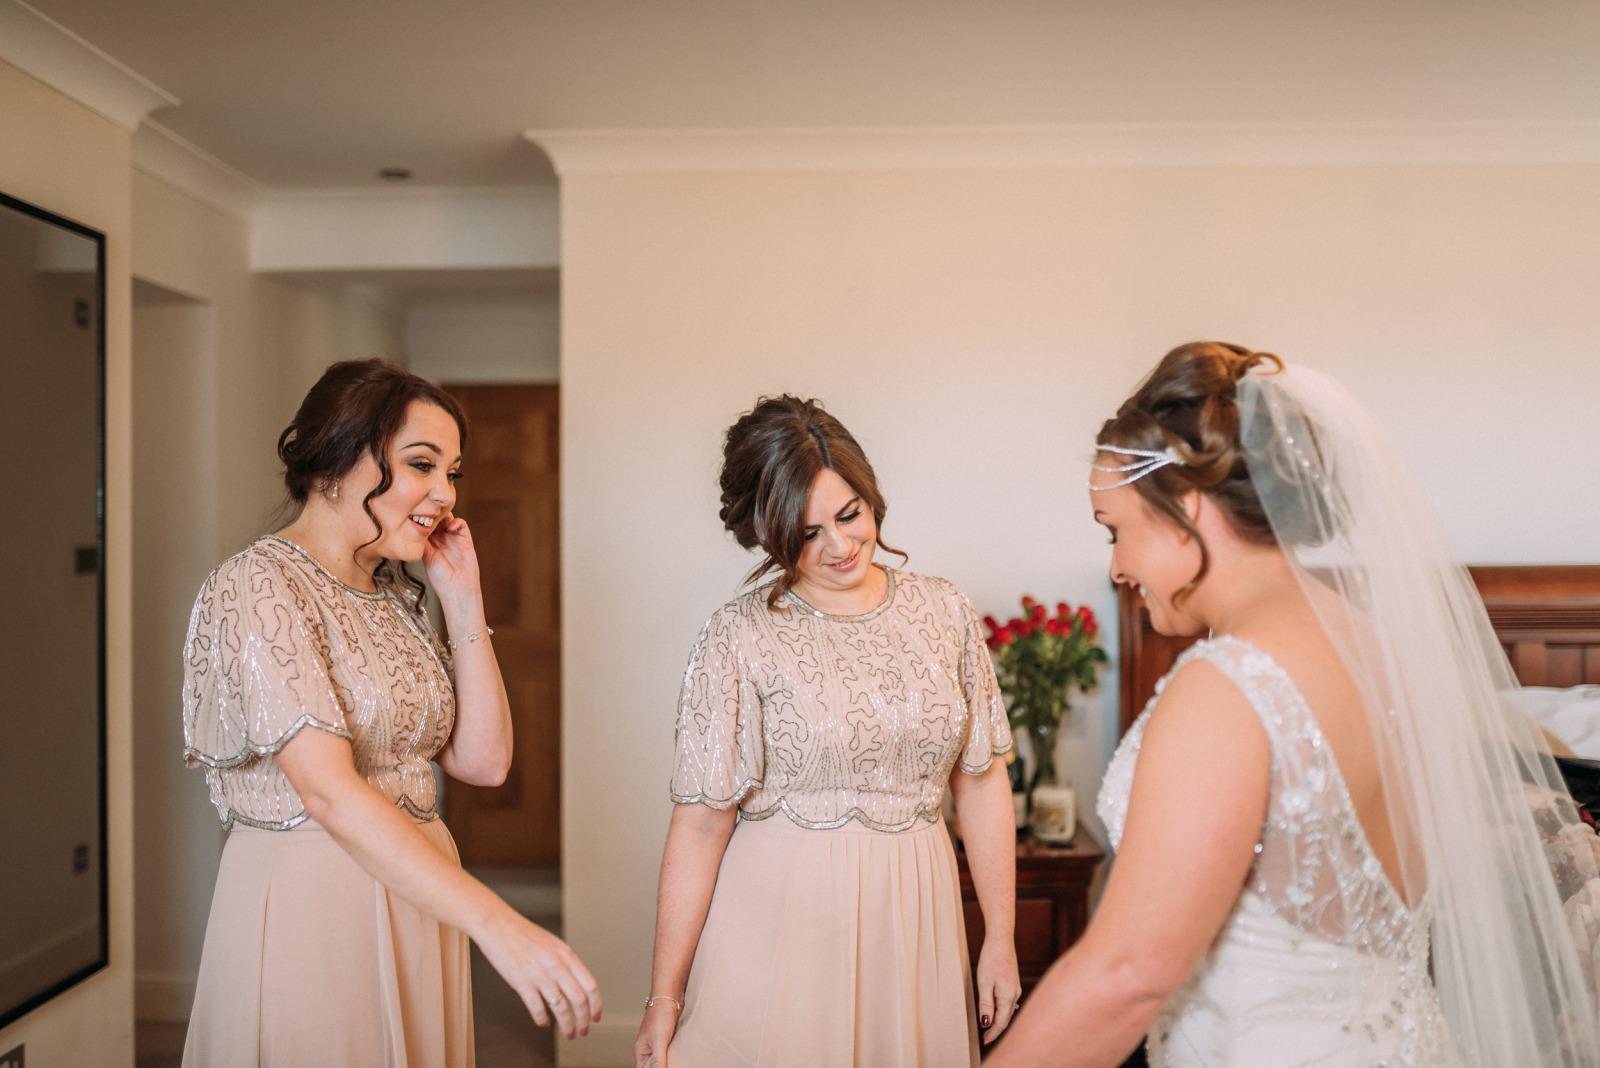 highward-house-wedding-176-of-578